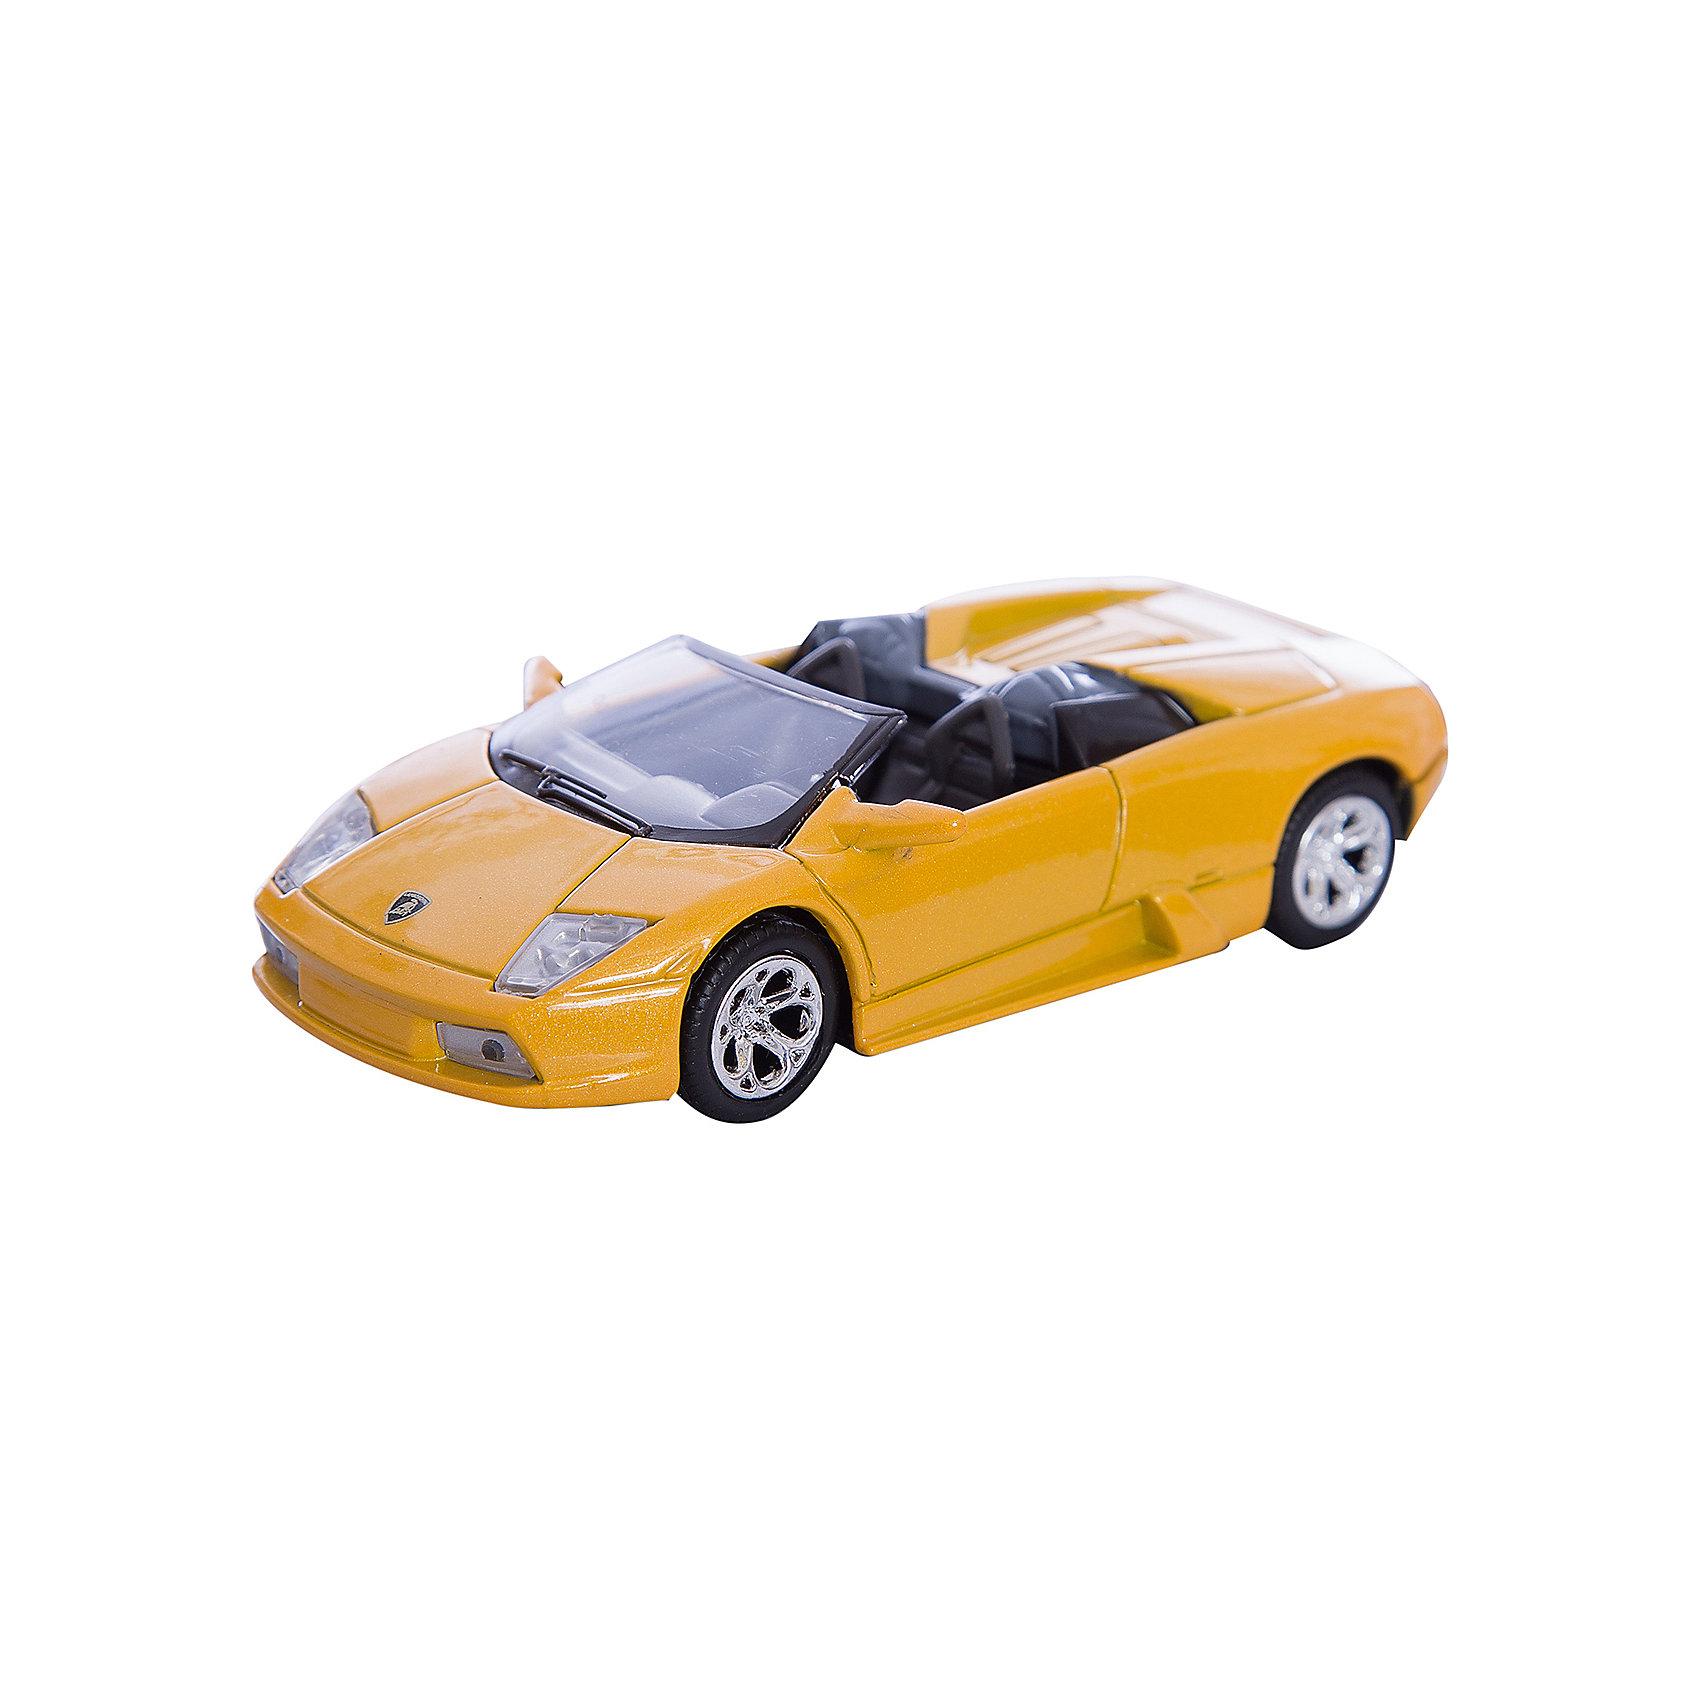 Машинка Lamborghini Murcielago Roadster 1:43, AutotimeМашинки<br>Характеристики товара:<br><br>• цвет: в ассортименте<br>• возраст: от 3 лет<br>• материал: металл, пластик<br>• масштаб: 1:43<br>• колеса вращаются<br>• размер упаковки: 16х6х7 см<br>• вес с упаковкой: 100 г<br>• страна бренда: Россия, Китай<br>• страна изготовитель: Китай<br><br>Эта коллекционная модель машинки отличается высокой детализацией. Окна - прозрачные, поэтому через них можно увидеть салон.<br><br>Машинка произведена из прочного и безопасного материала. <br><br>Машинку «Lamborghini Murcielago Roadster», 1:43, Autotime (Автотайм) можно купить в нашем интернет-магазине.<br><br>Ширина мм: 165<br>Глубина мм: 57<br>Высота мм: 75<br>Вес г: 13<br>Возраст от месяцев: 36<br>Возраст до месяцев: 2147483647<br>Пол: Мужской<br>Возраст: Детский<br>SKU: 5584100